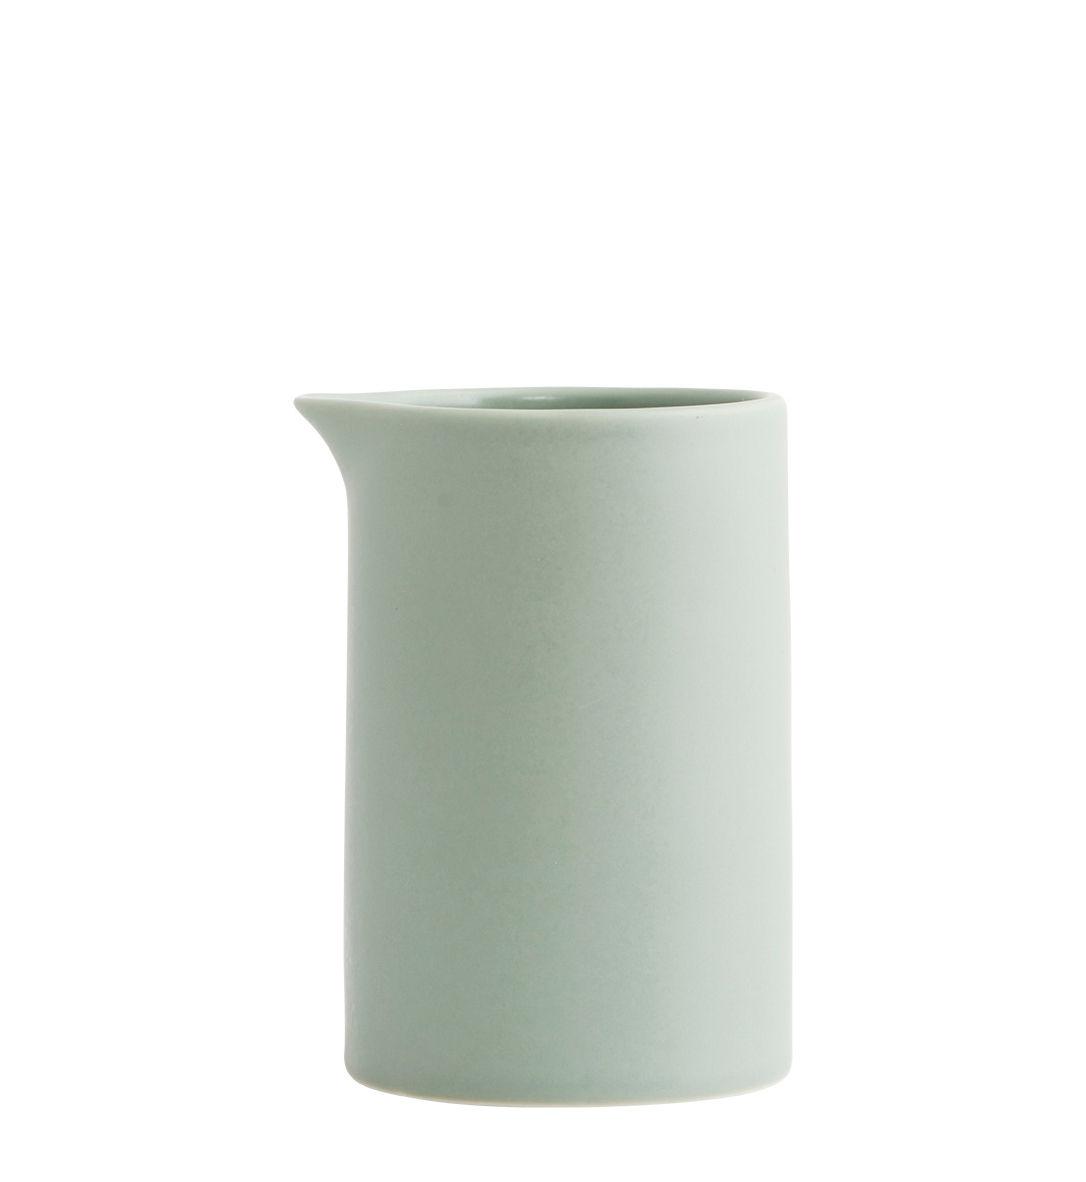 Arts de la table - Thé et café - Pot à lait Pot / Porcelaine - House Doctor - Vert d'eau - Porcelaine